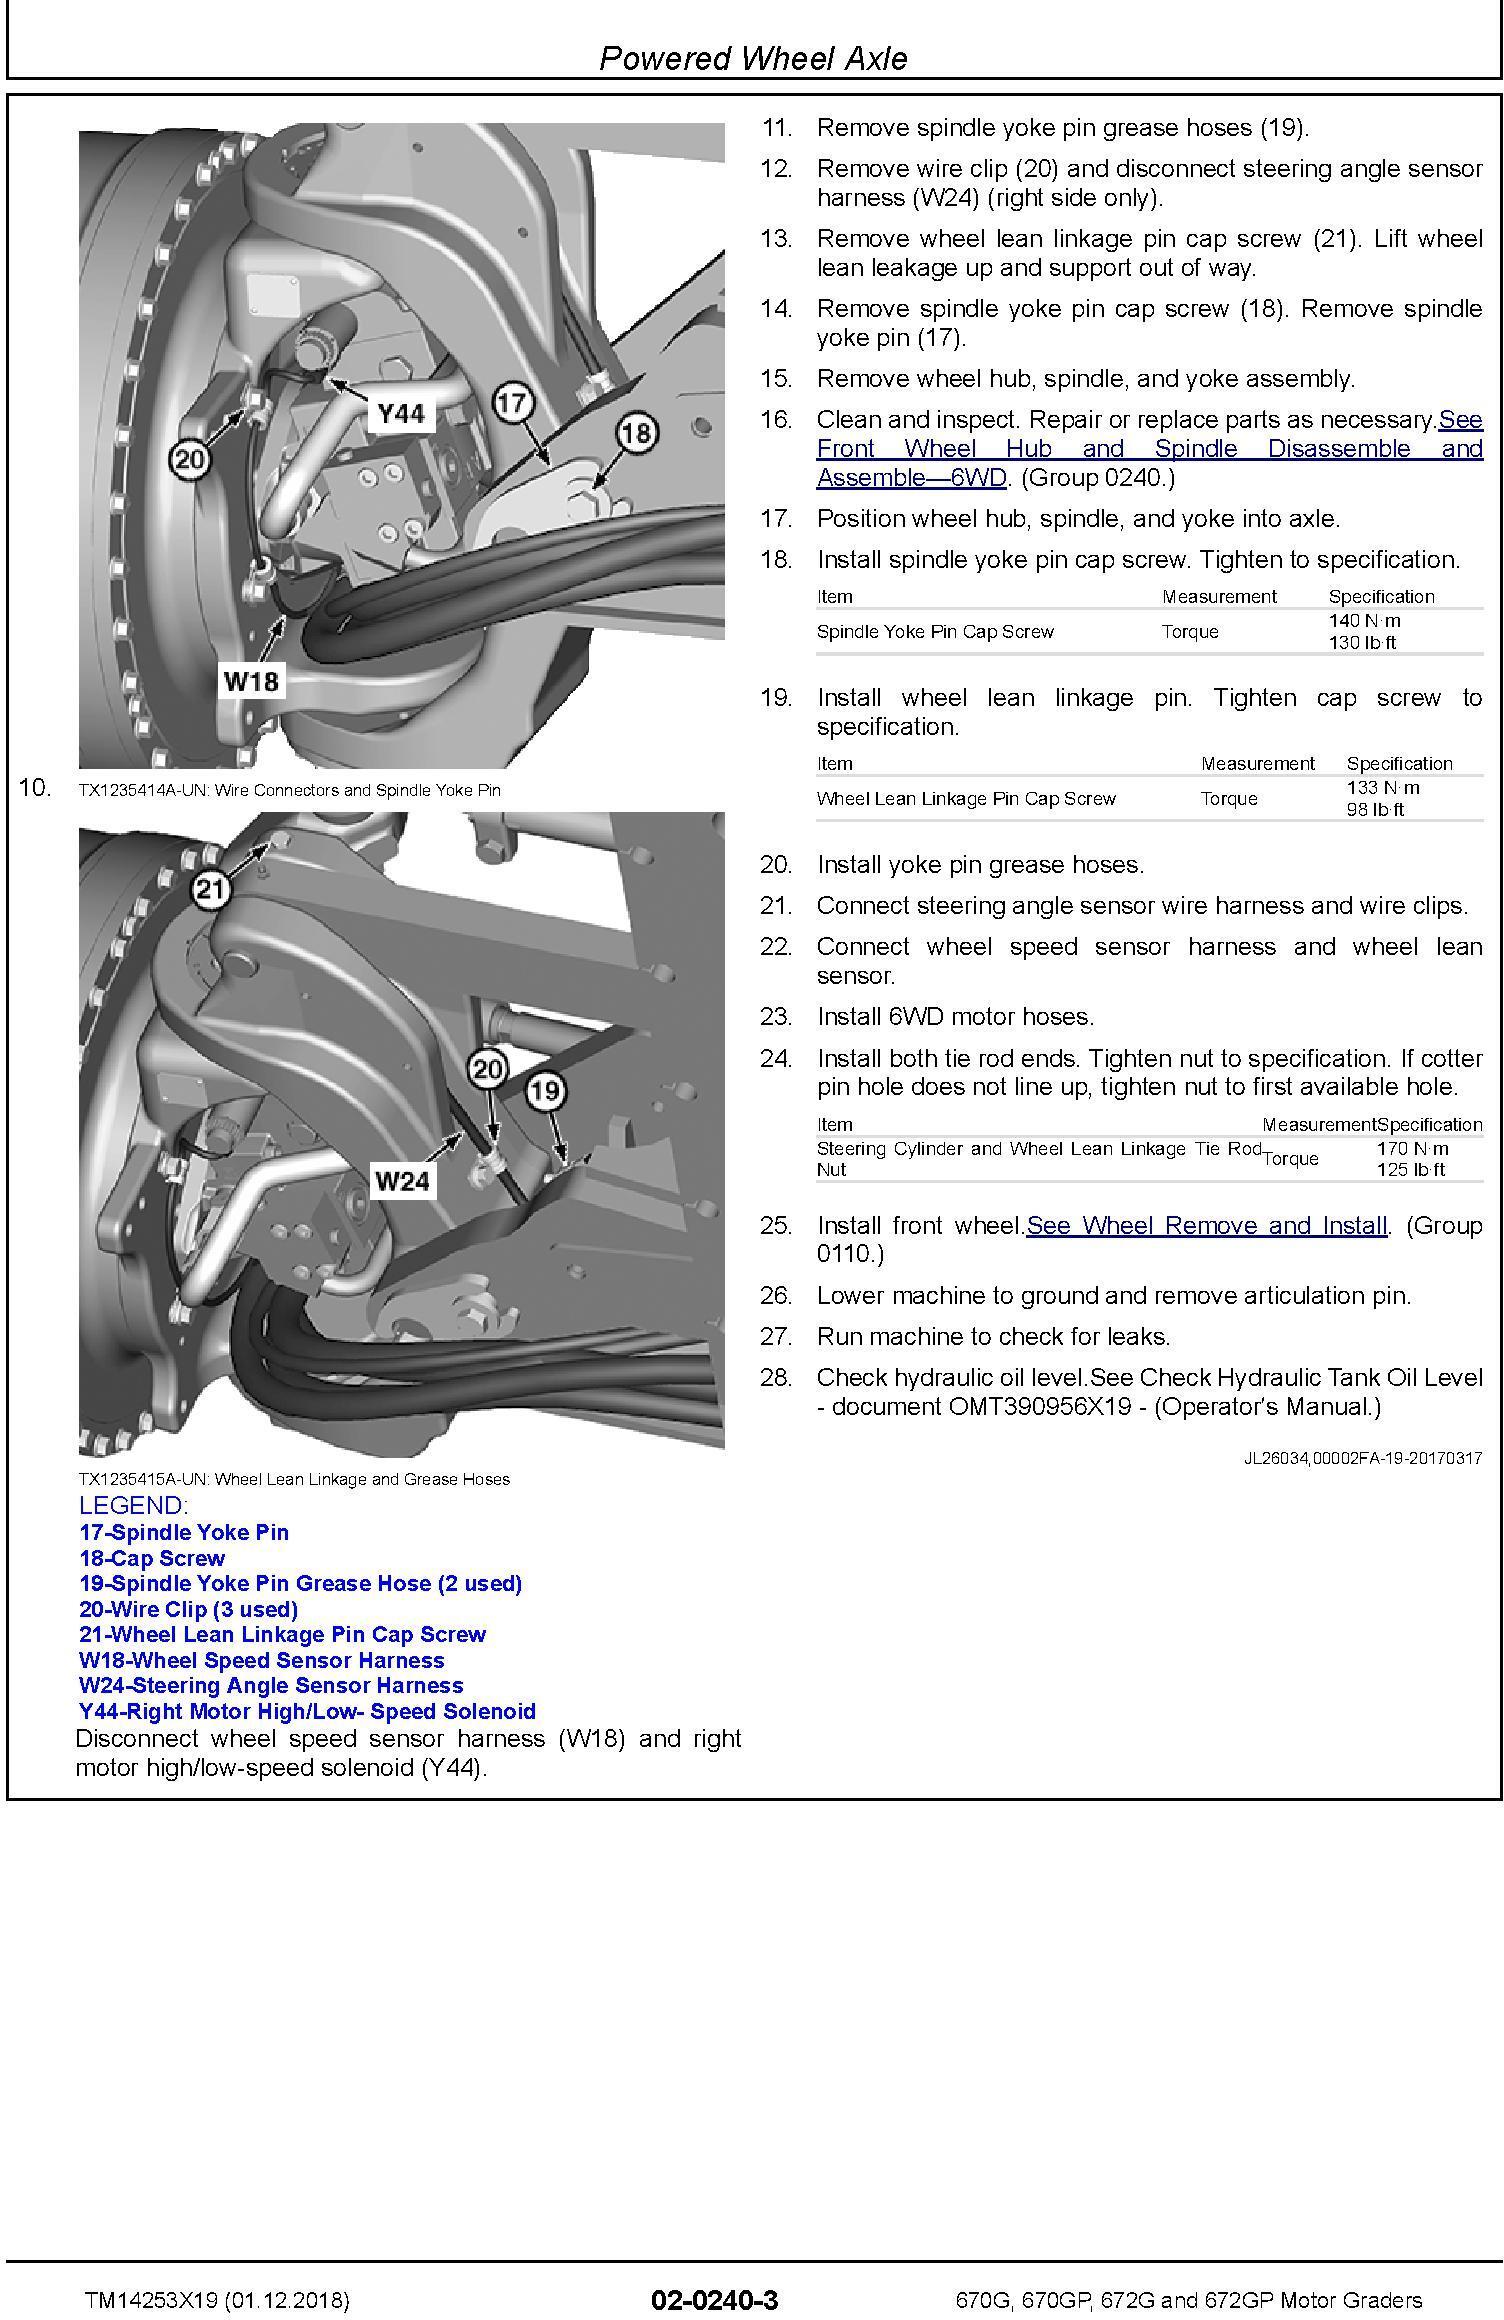 John Deere 670G, 670GP, 672G, 672GP (SN. C680878-,D680878-) Motor Graders Repair Manual (TM14253X19) - 2